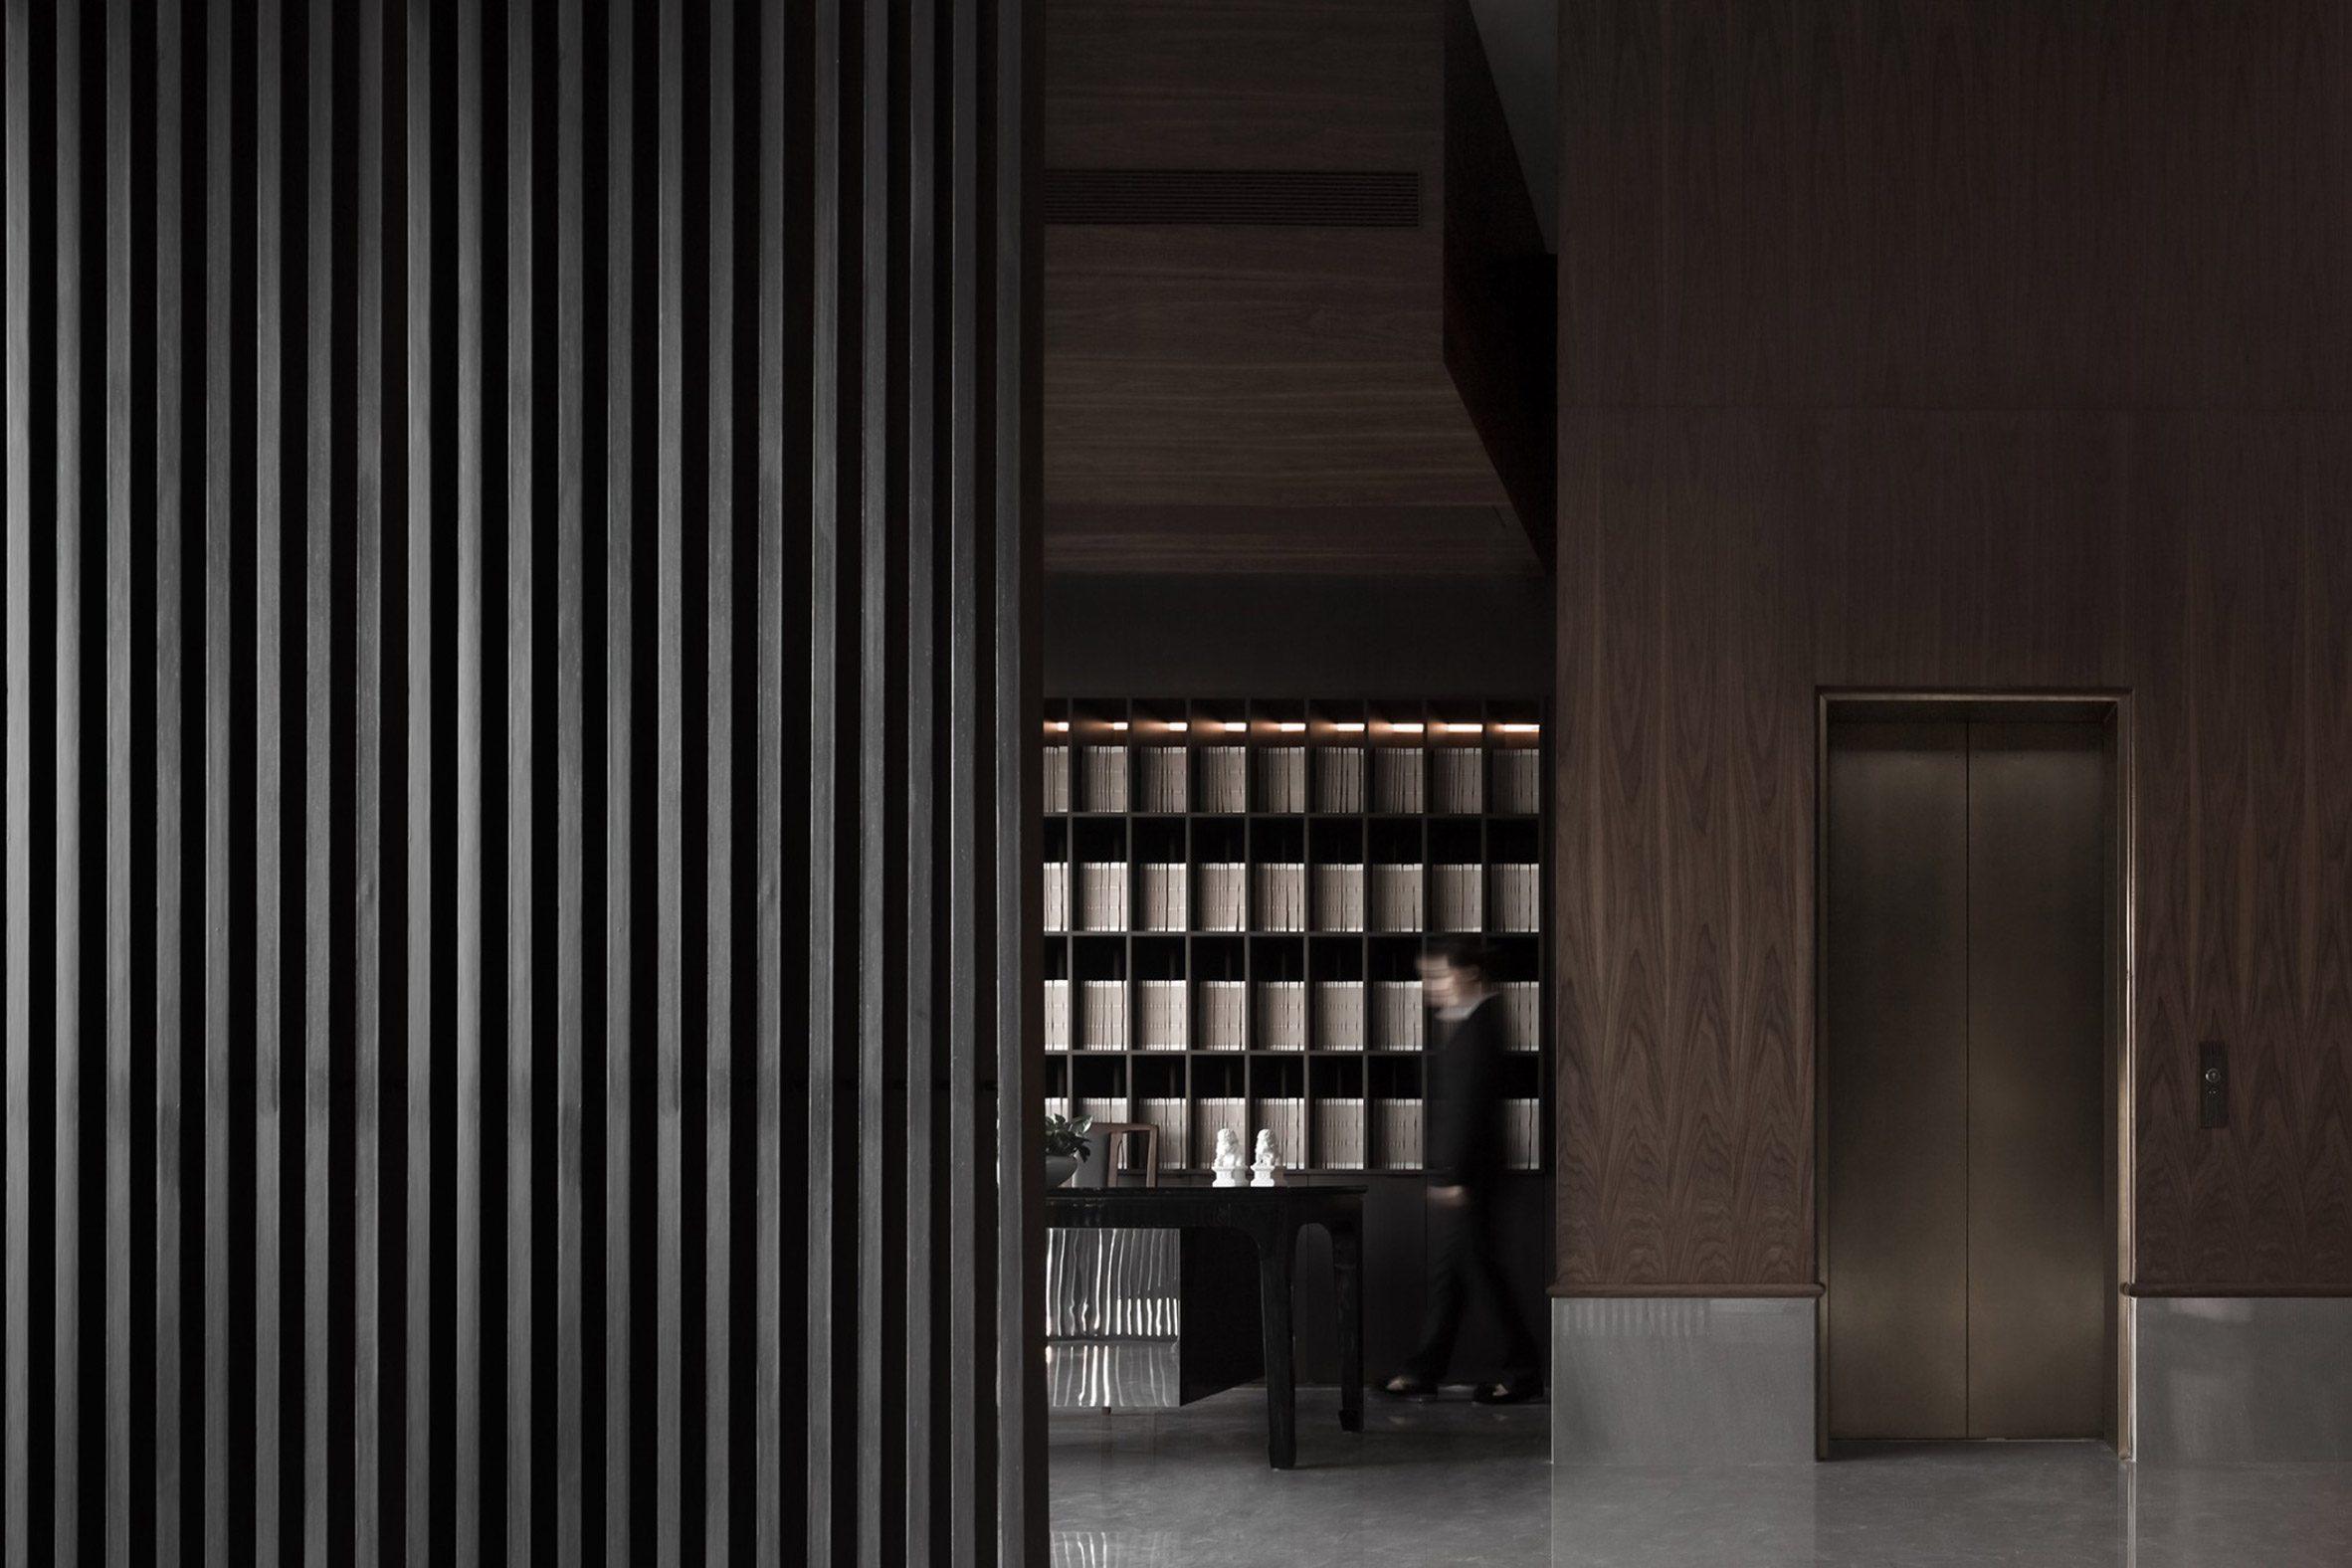 Интерьер ресторана Sui Han San You с деревянными перегородками